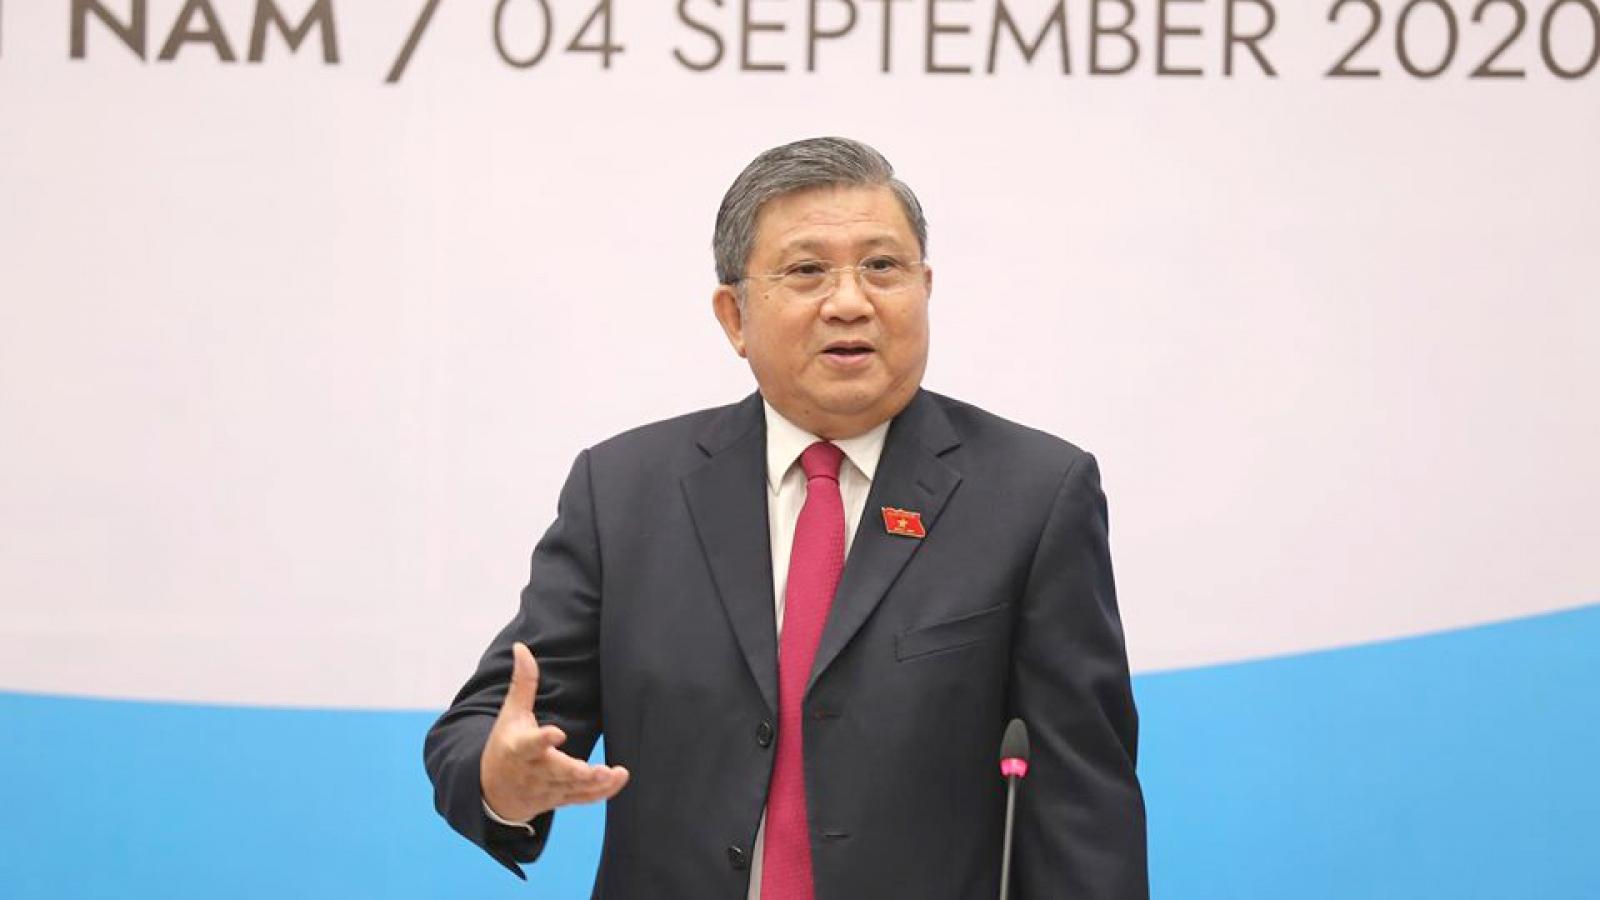 Việt Nam tổ chức Đại hội đồng AIPA trực tuyến đầu tiên trong lịch sử